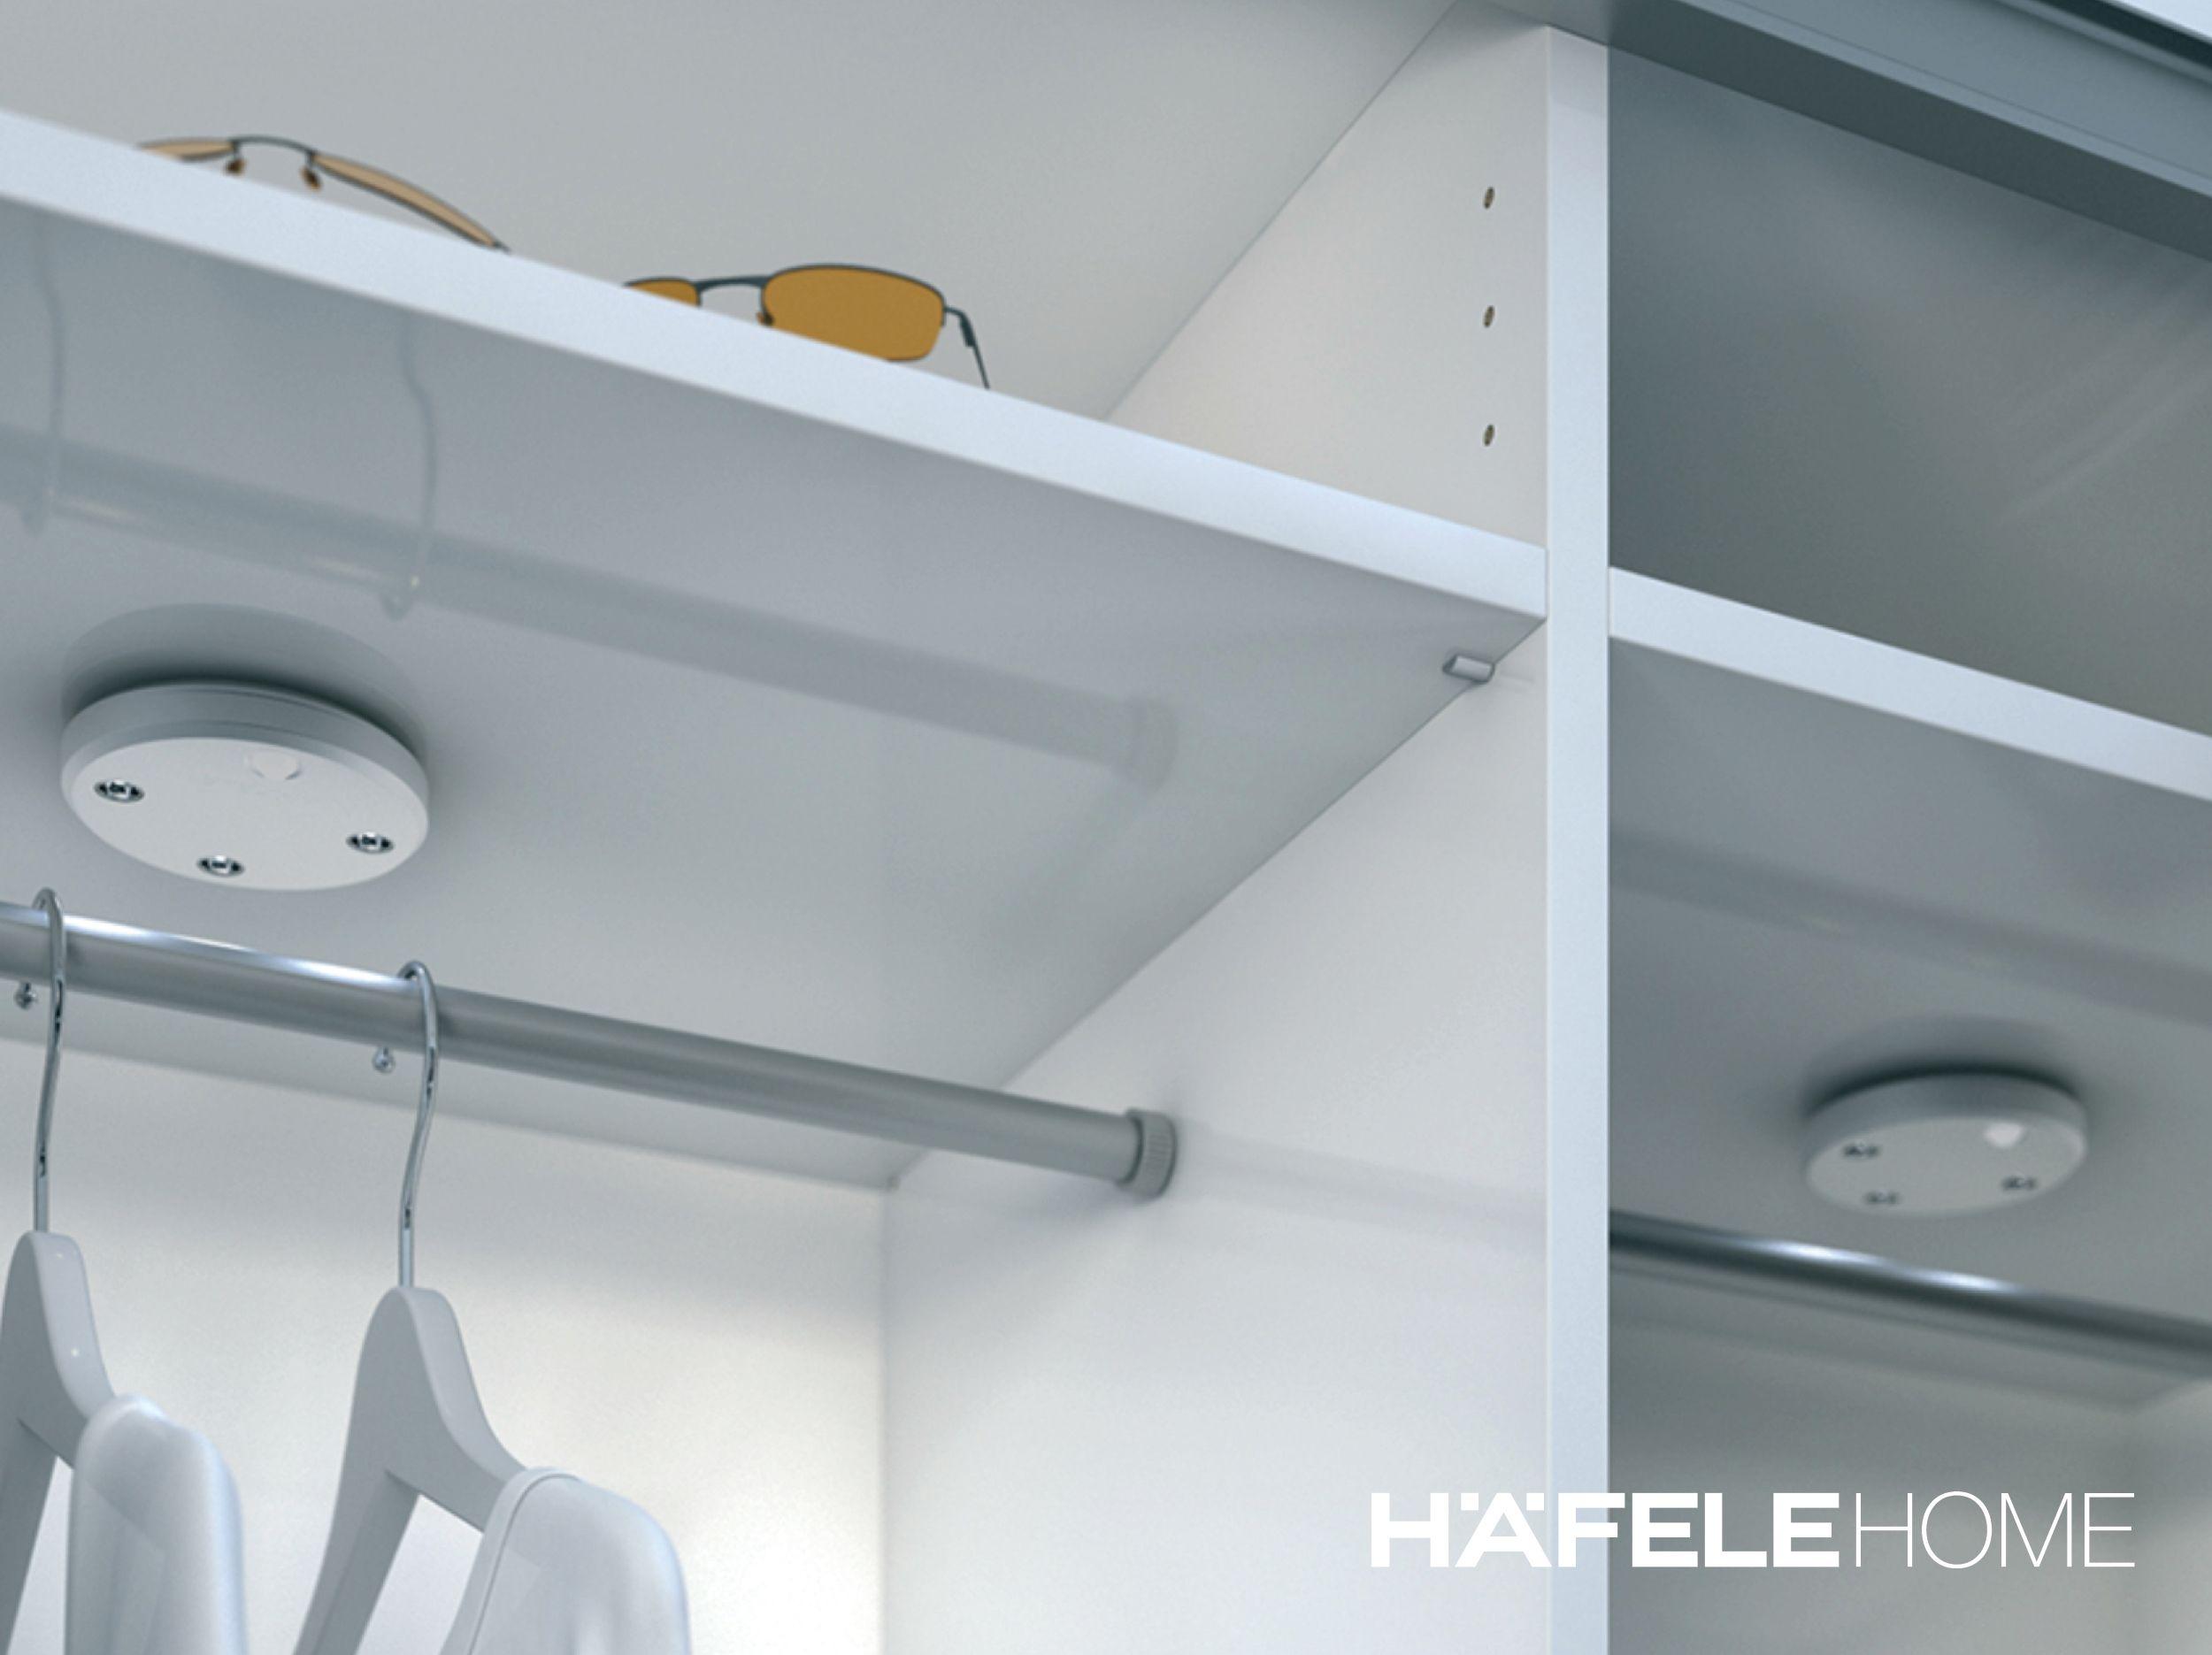 Loox 9003 Led Sensored Round Light In 2020 Round Light Hafele Led